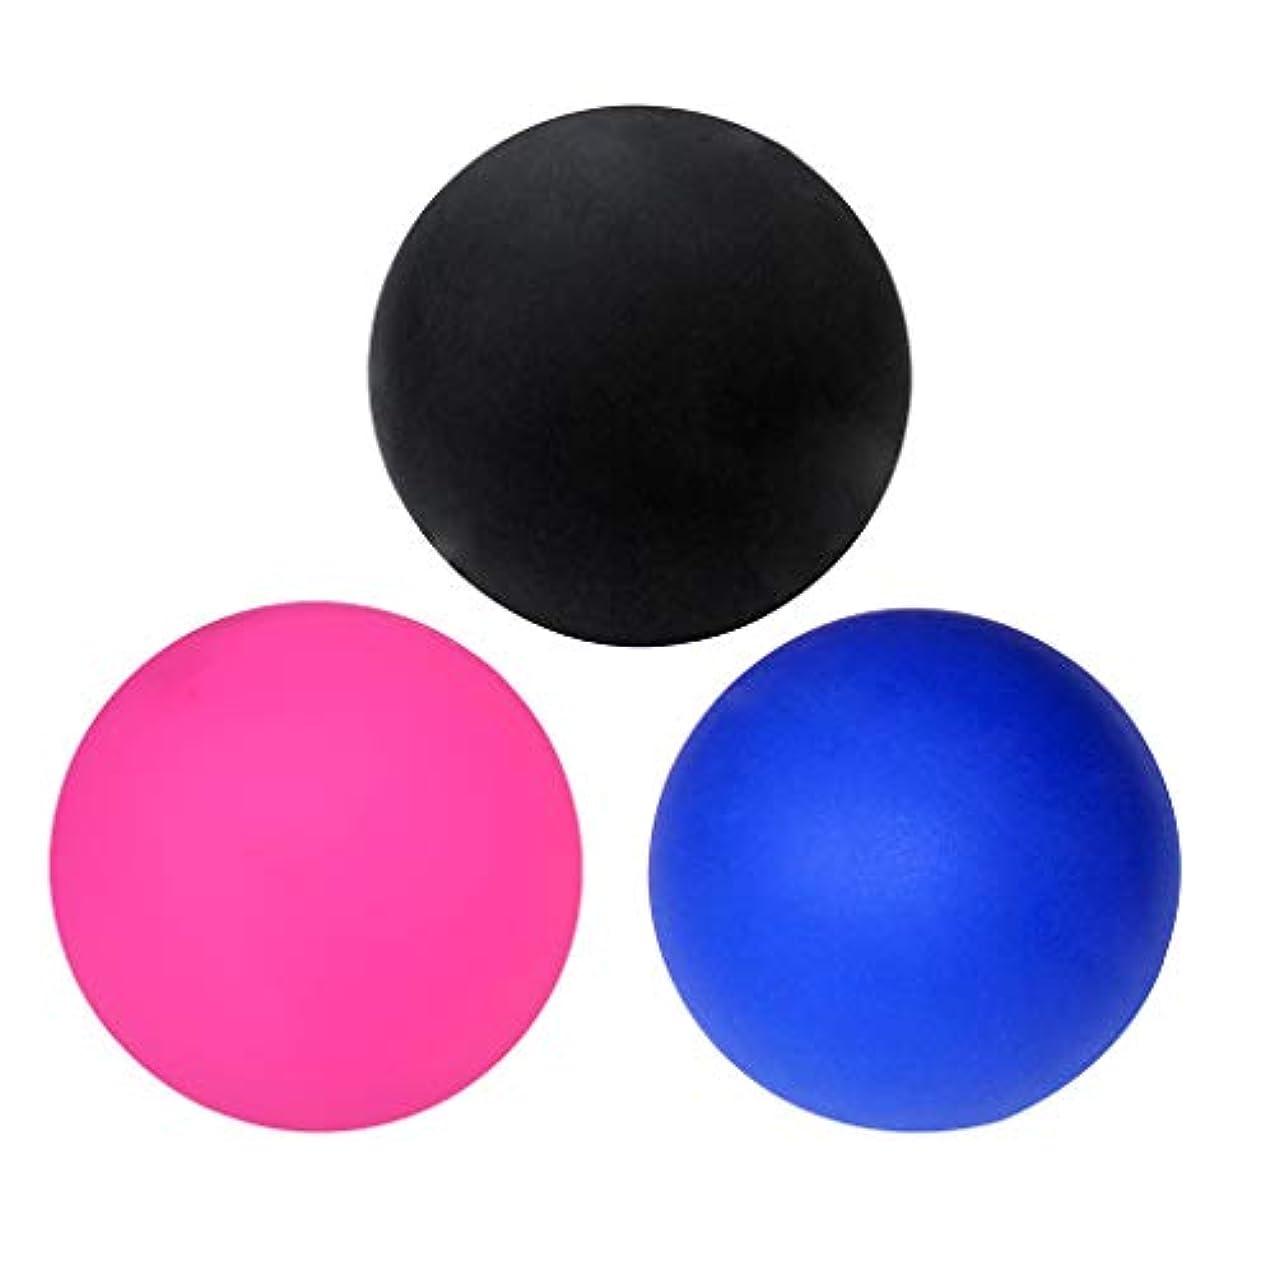 サンダース固執進行中3個 マッサージボール ラクロスボール トリガーポイント ゴム製 リラックスボール ツボ押しグッズ